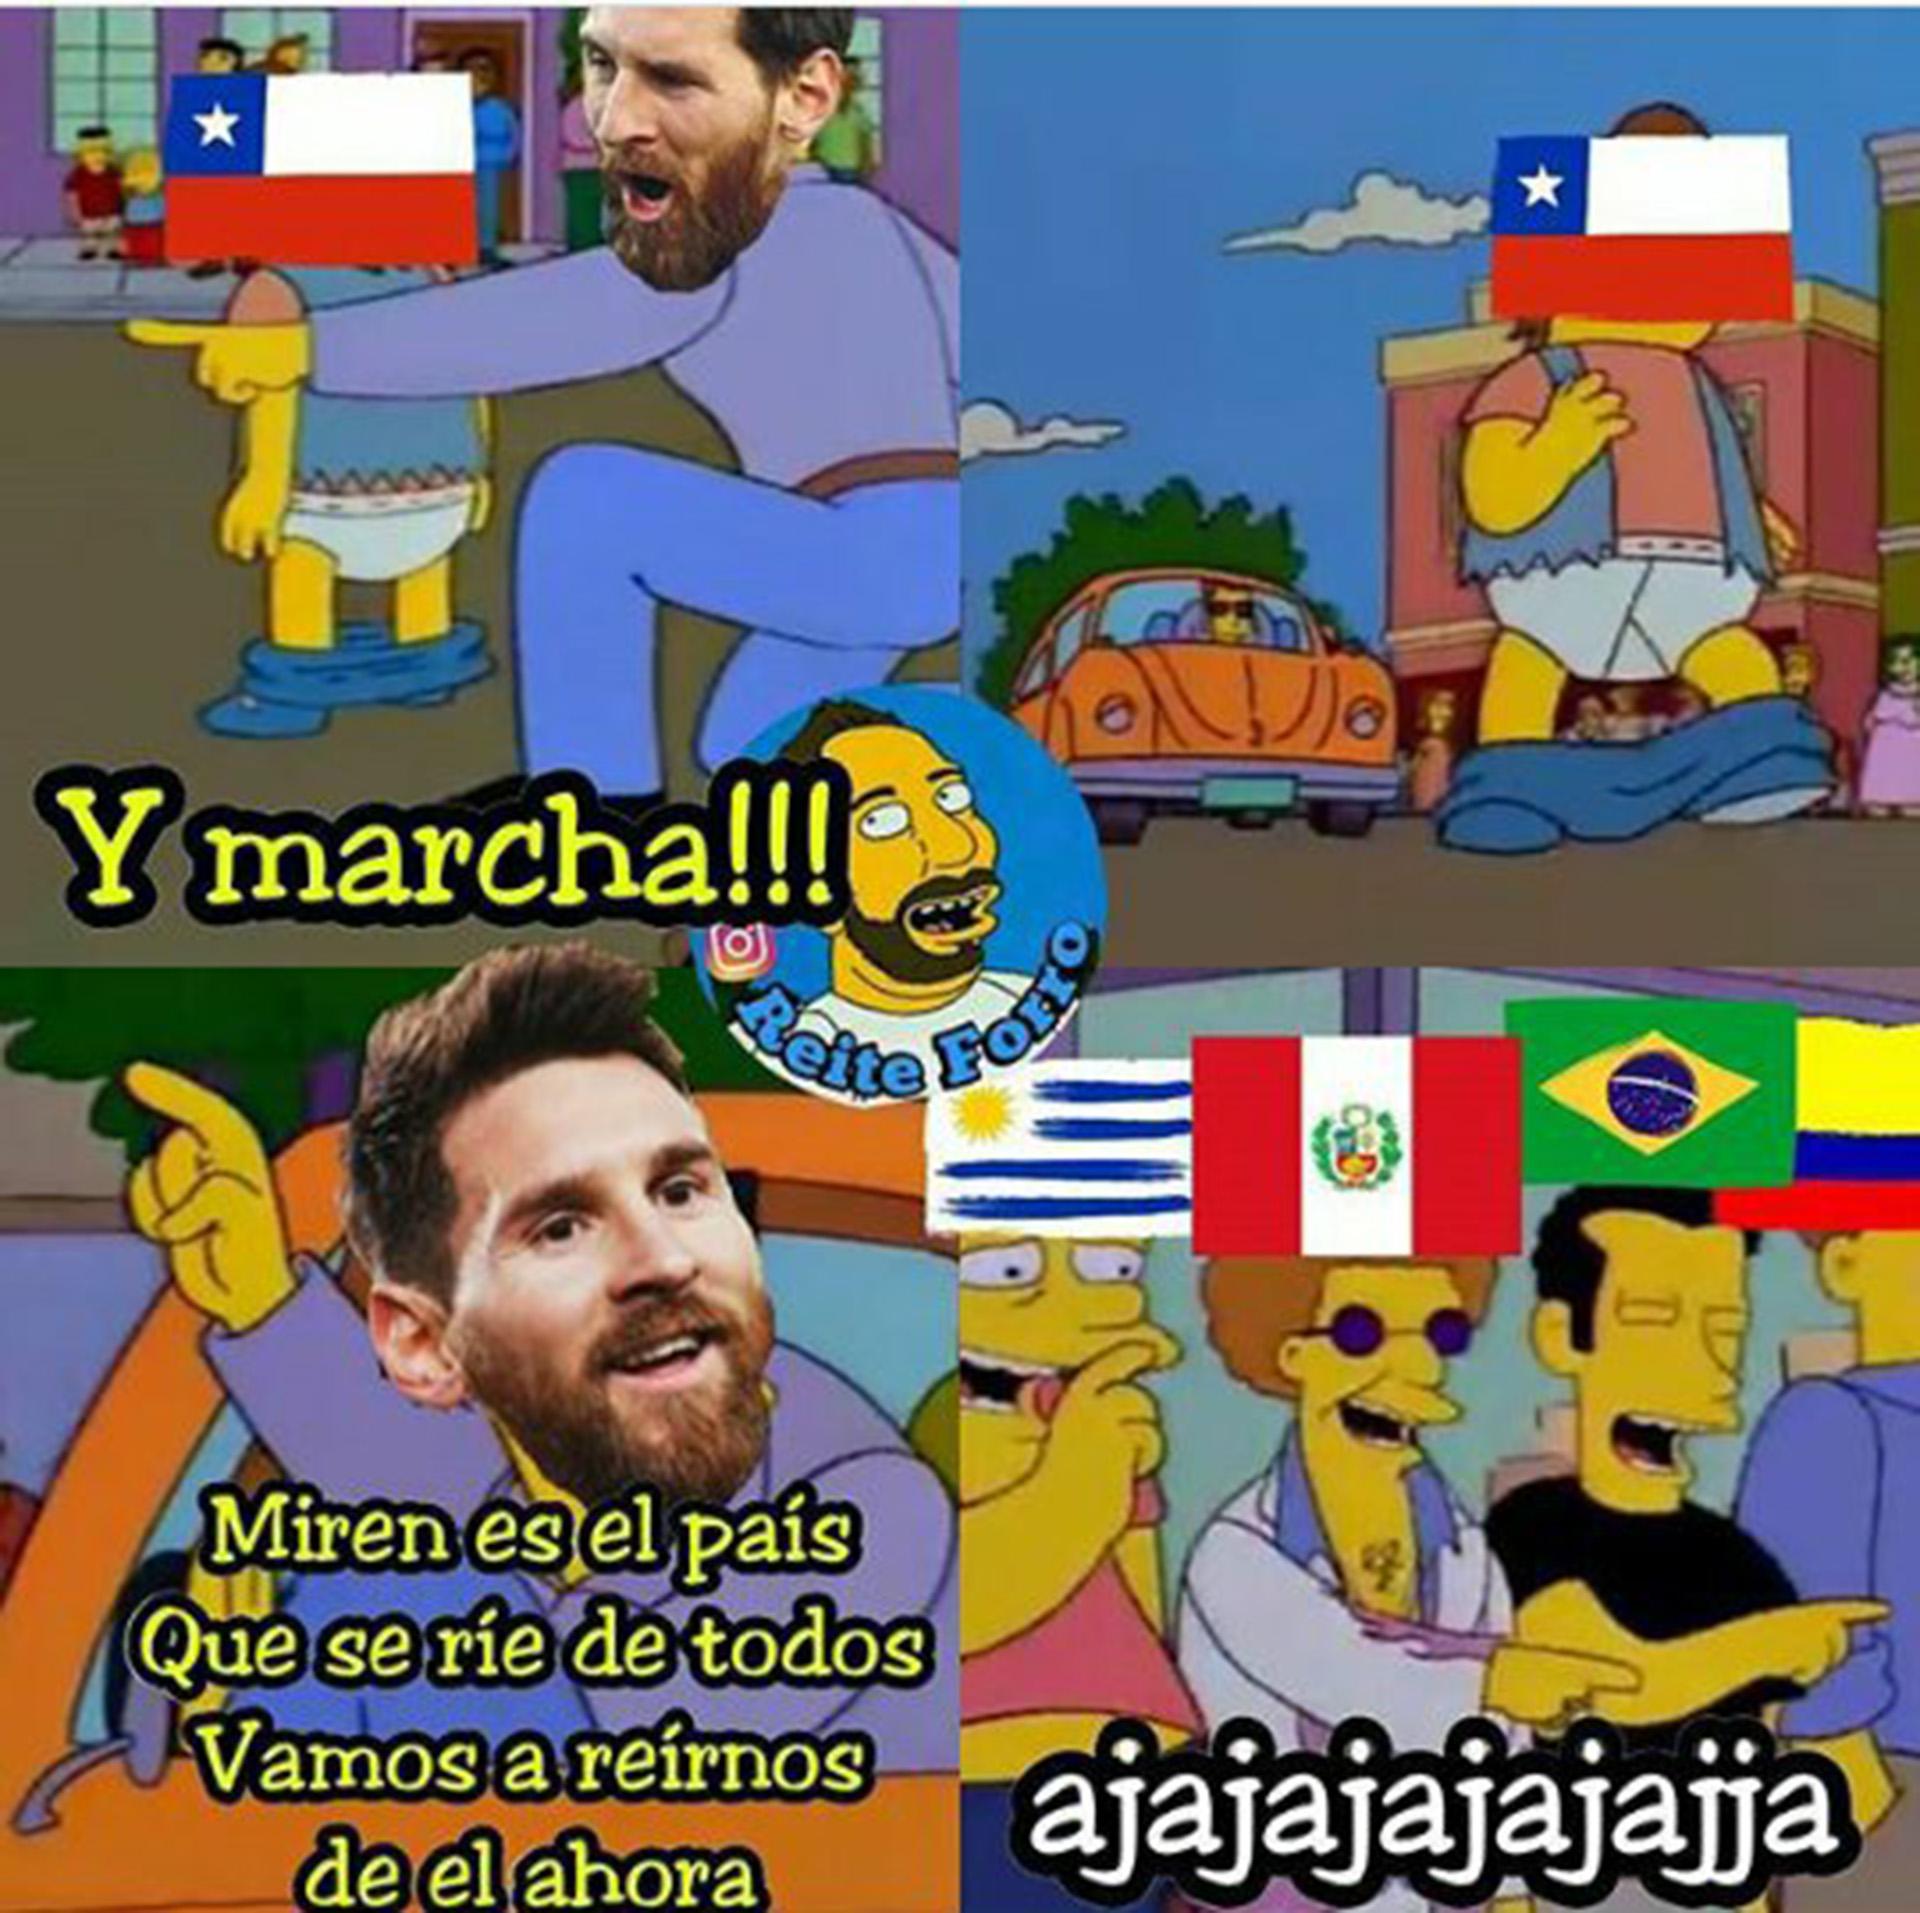 Los memes de la derrota de chile y su ausencia del próximo